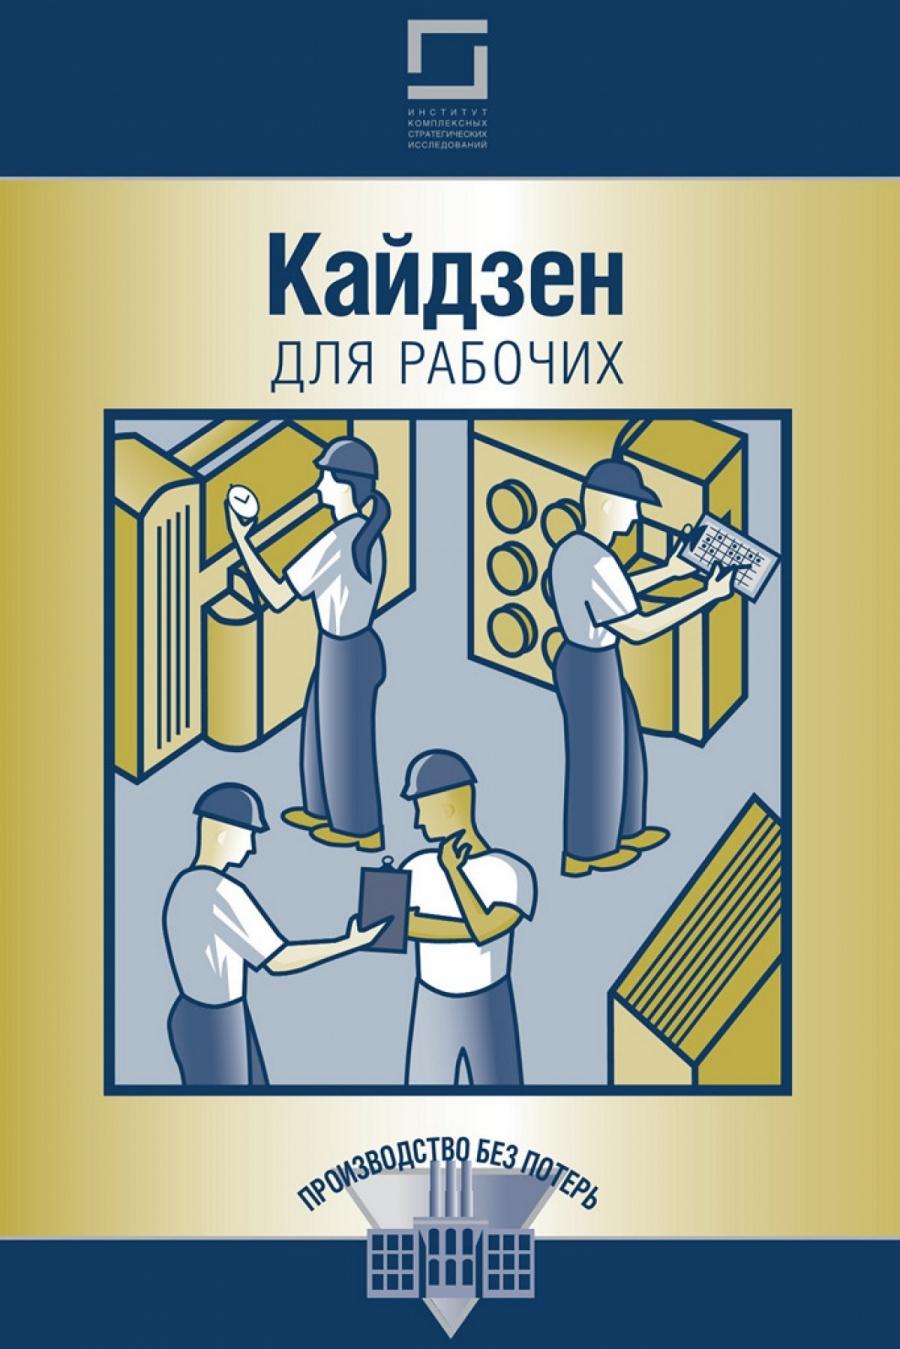 Обложка книги:  производство без потерь - инга попеско (перевод с англ.) - кайдзен для рабочих